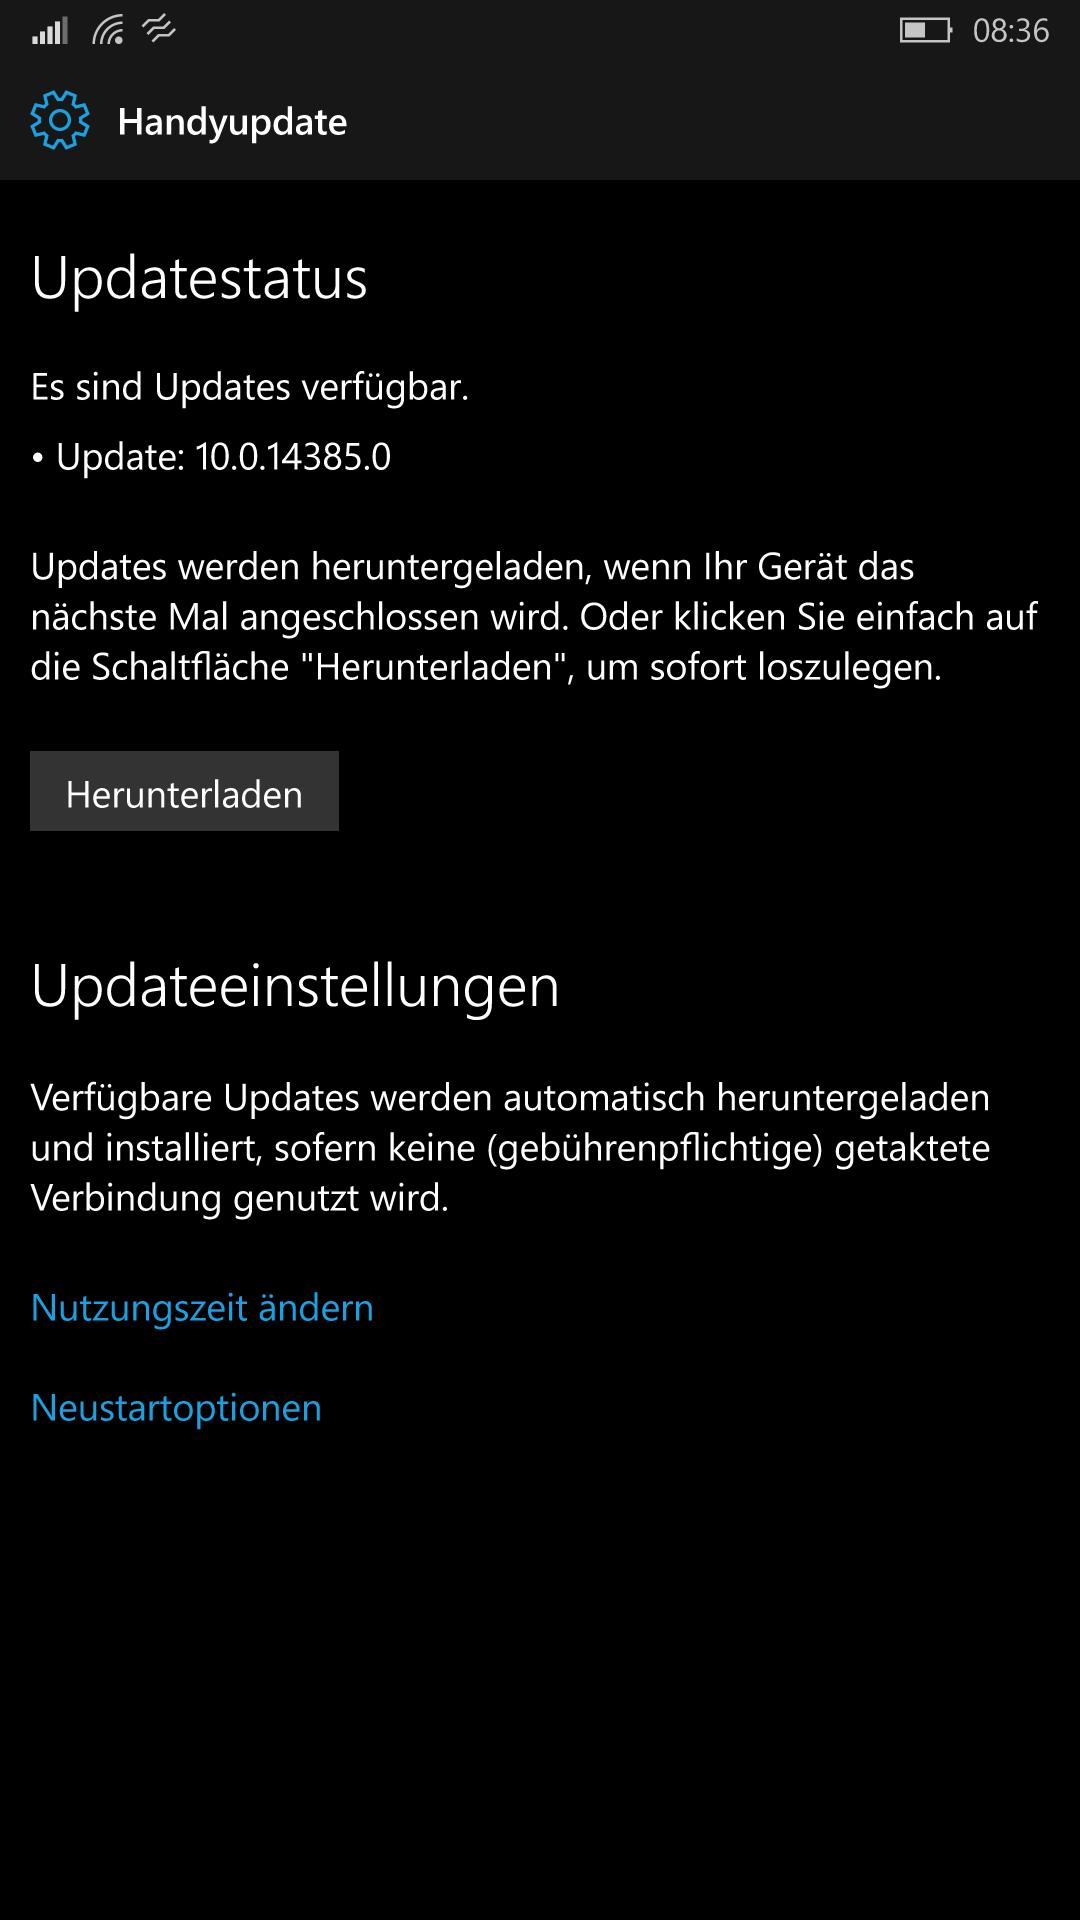 Update 14393.10